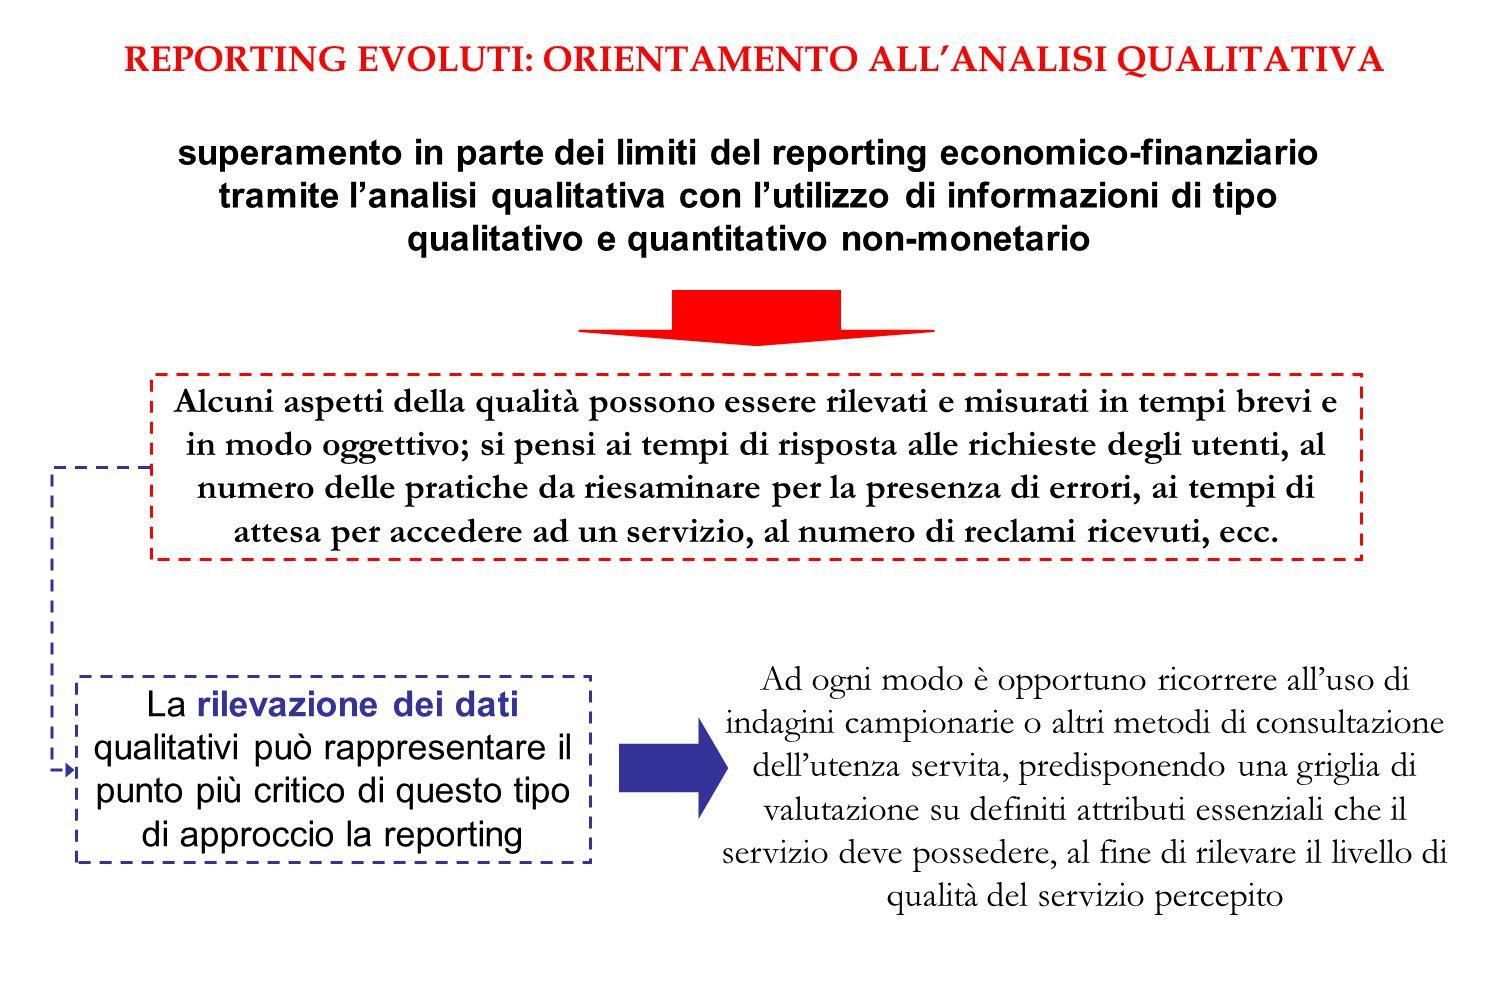 REPORTING EVOLUTI: ORIENTAMENTO ALL'ANALISI QUALITATIVA